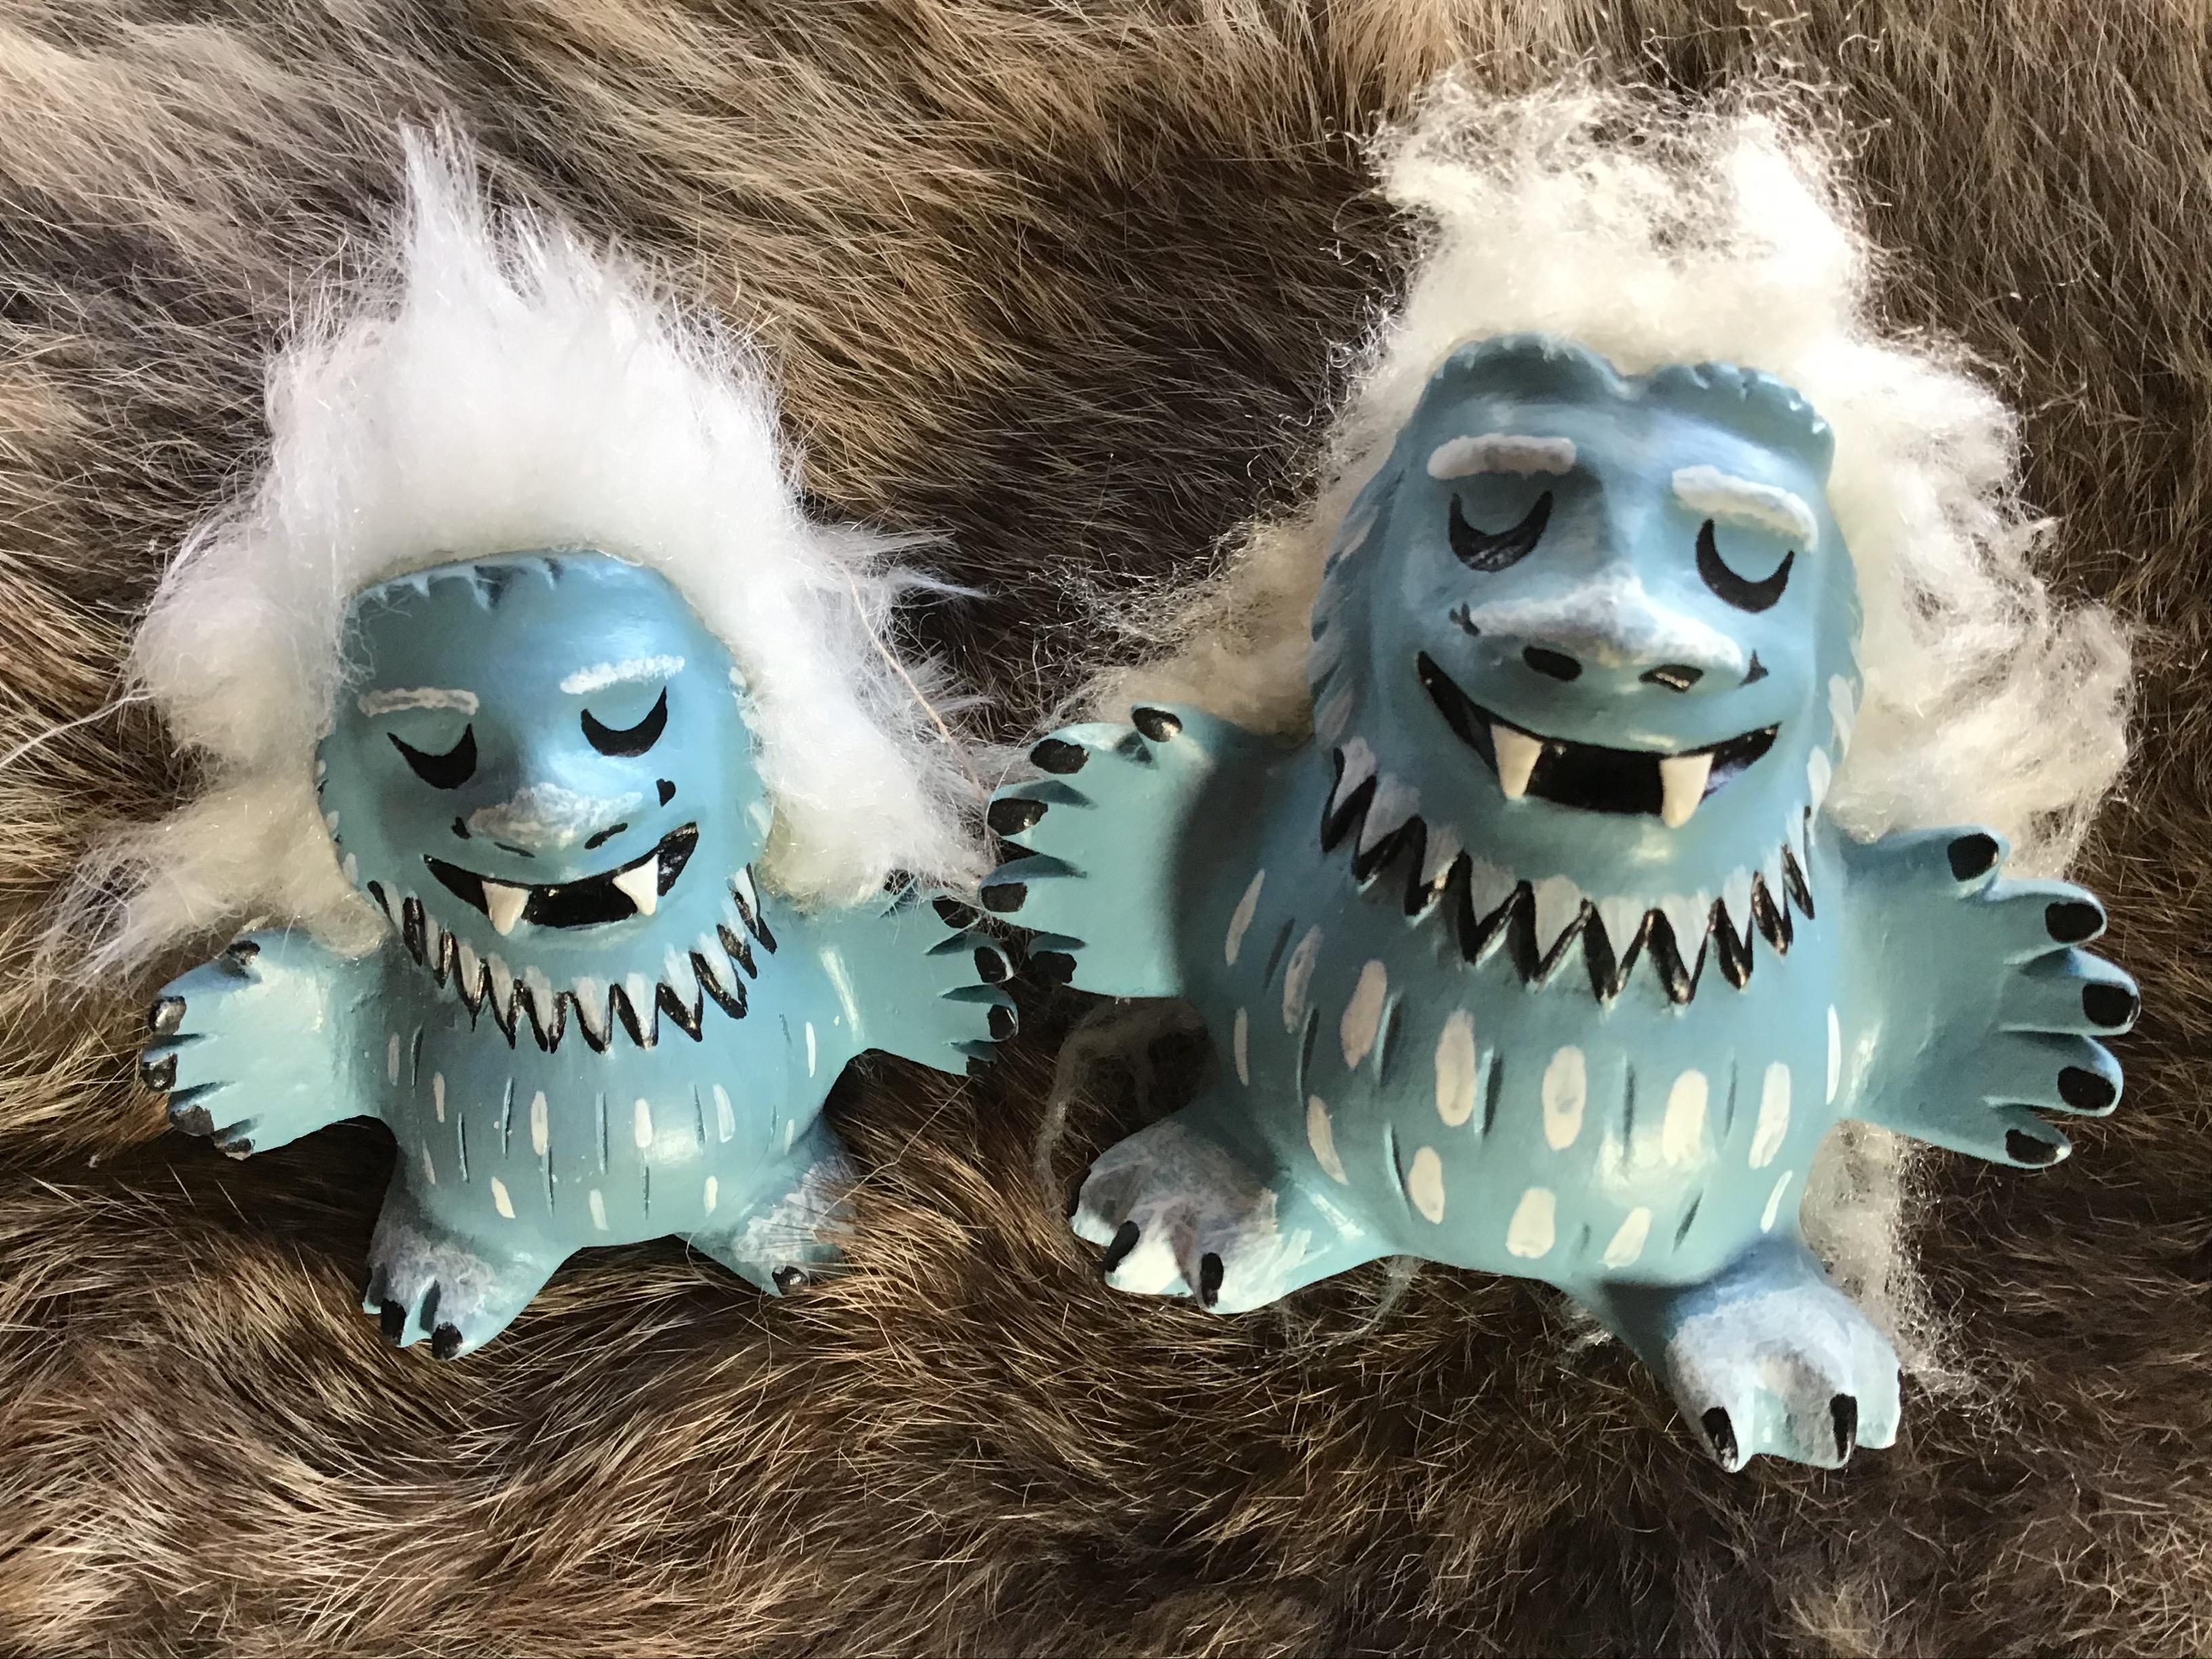 Yeti, figurines, critters